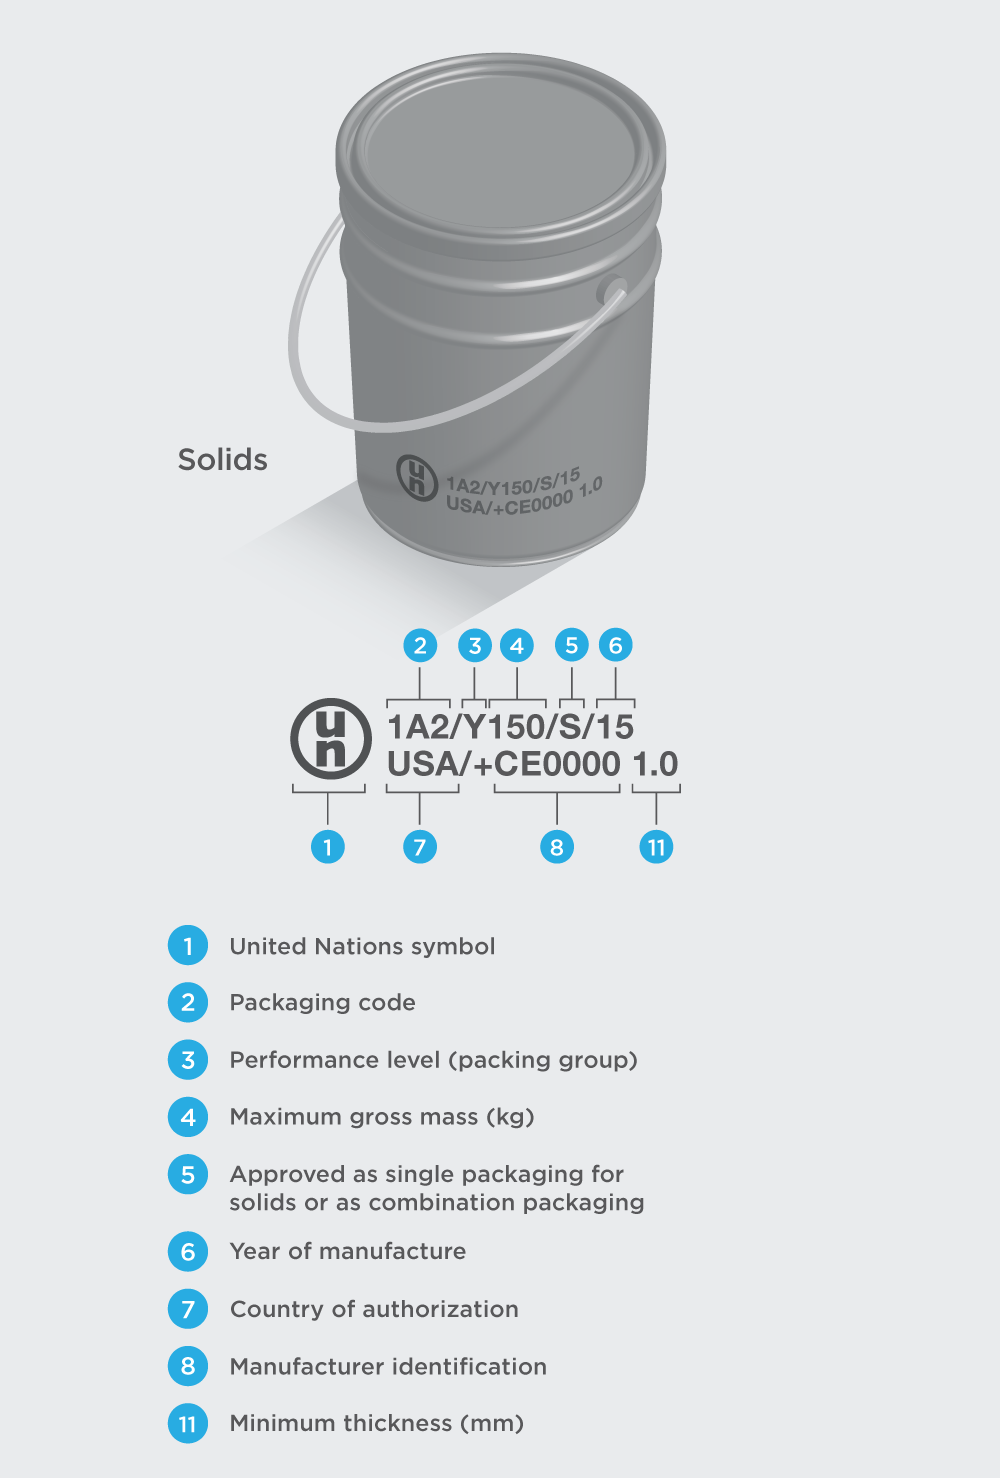 Understanding UN Packaging Codes - 4